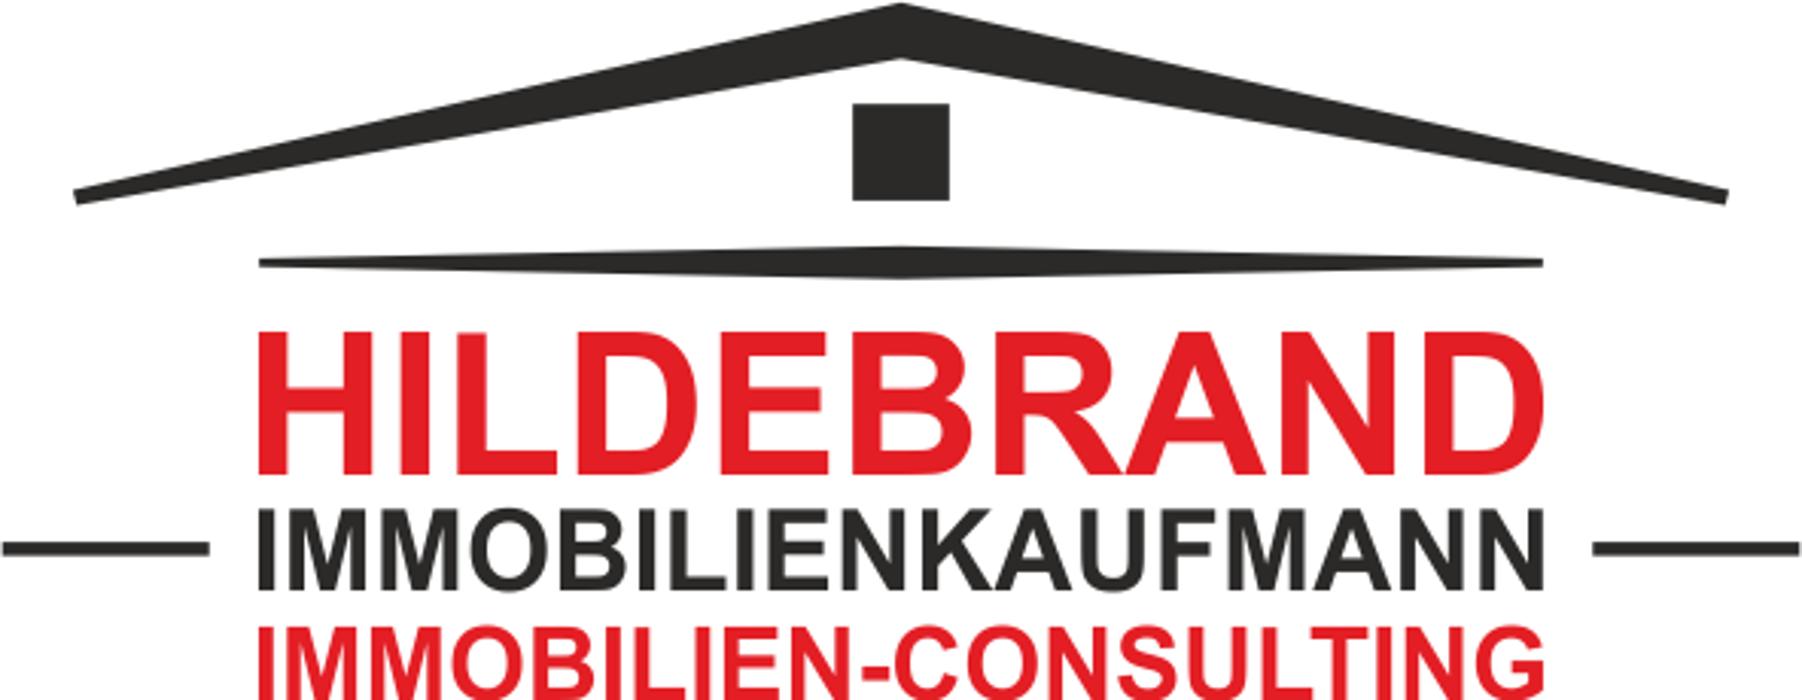 Bild zu Hildebrand Immobilien Consulting in Brake an der Unterweser